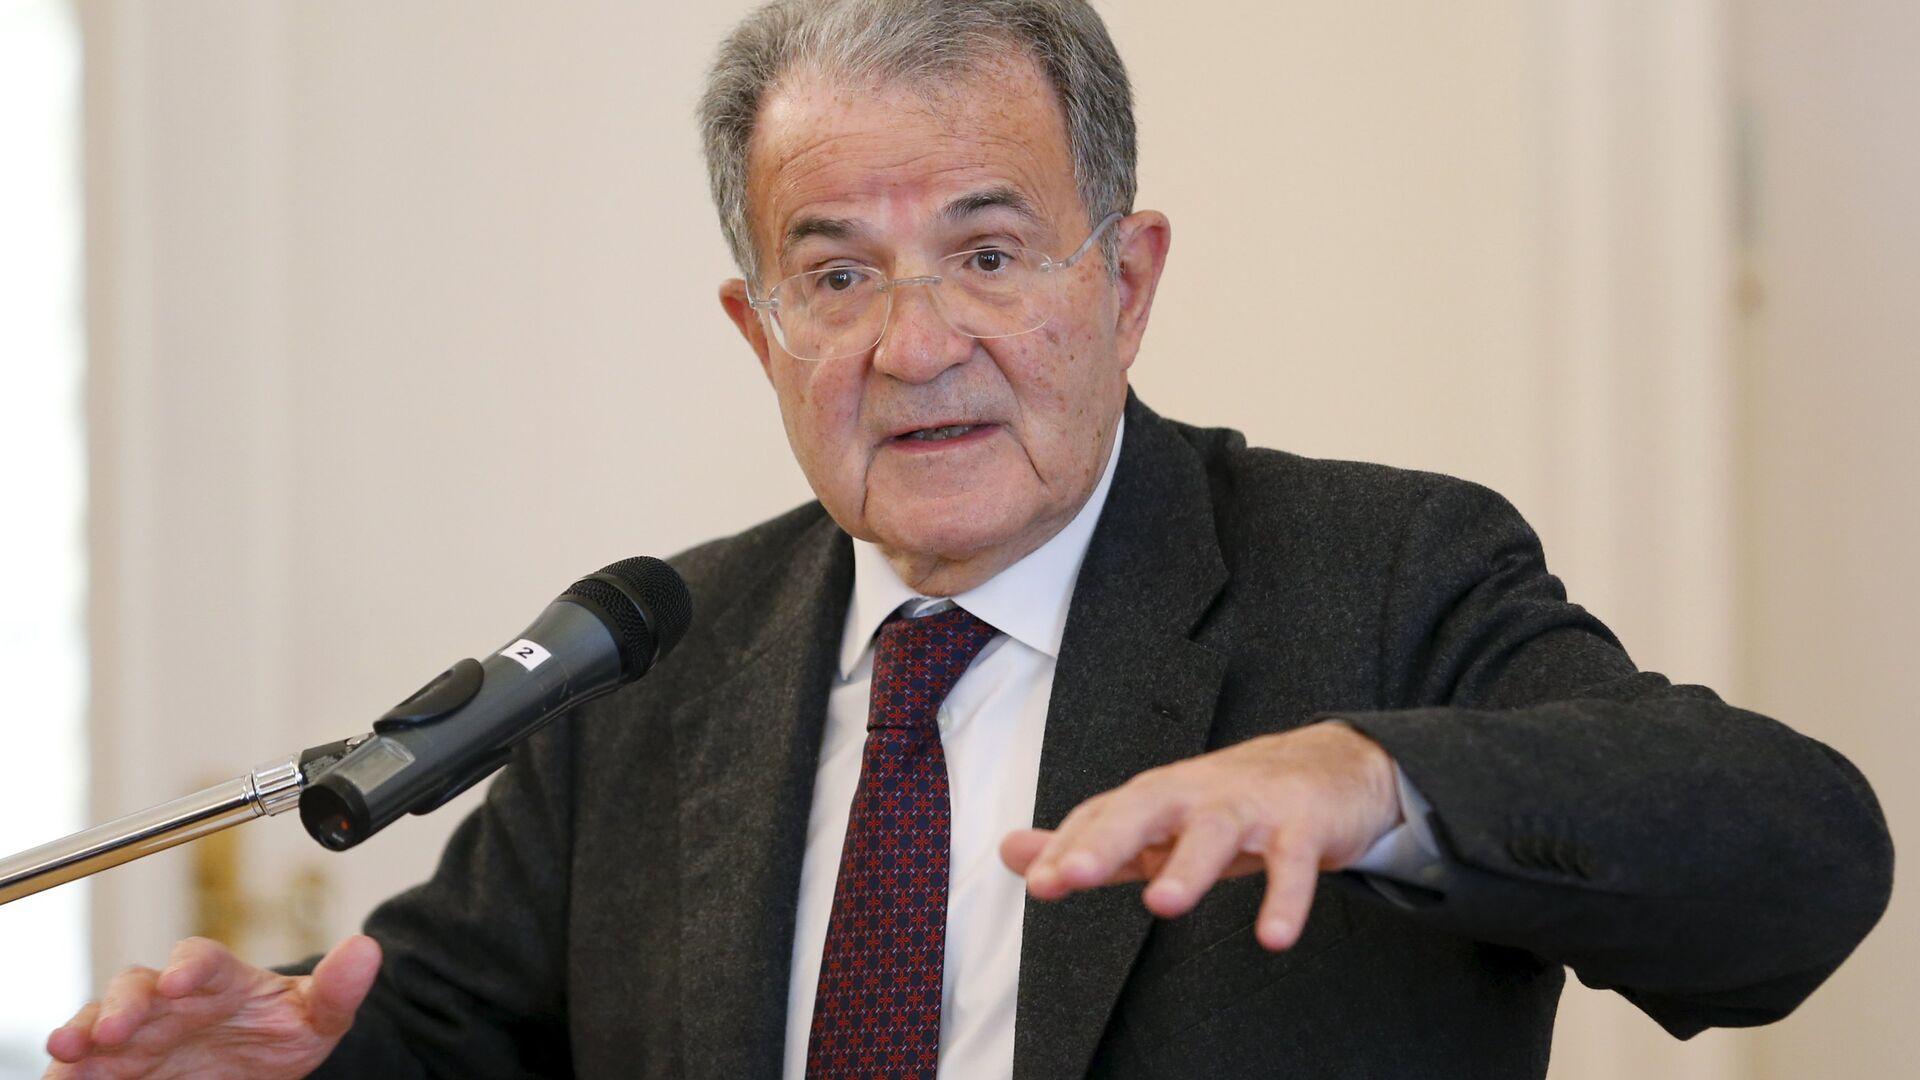 Ex presidente del Consiglio italiano Romano Prodi - Sputnik Italia, 1920, 18.09.2021